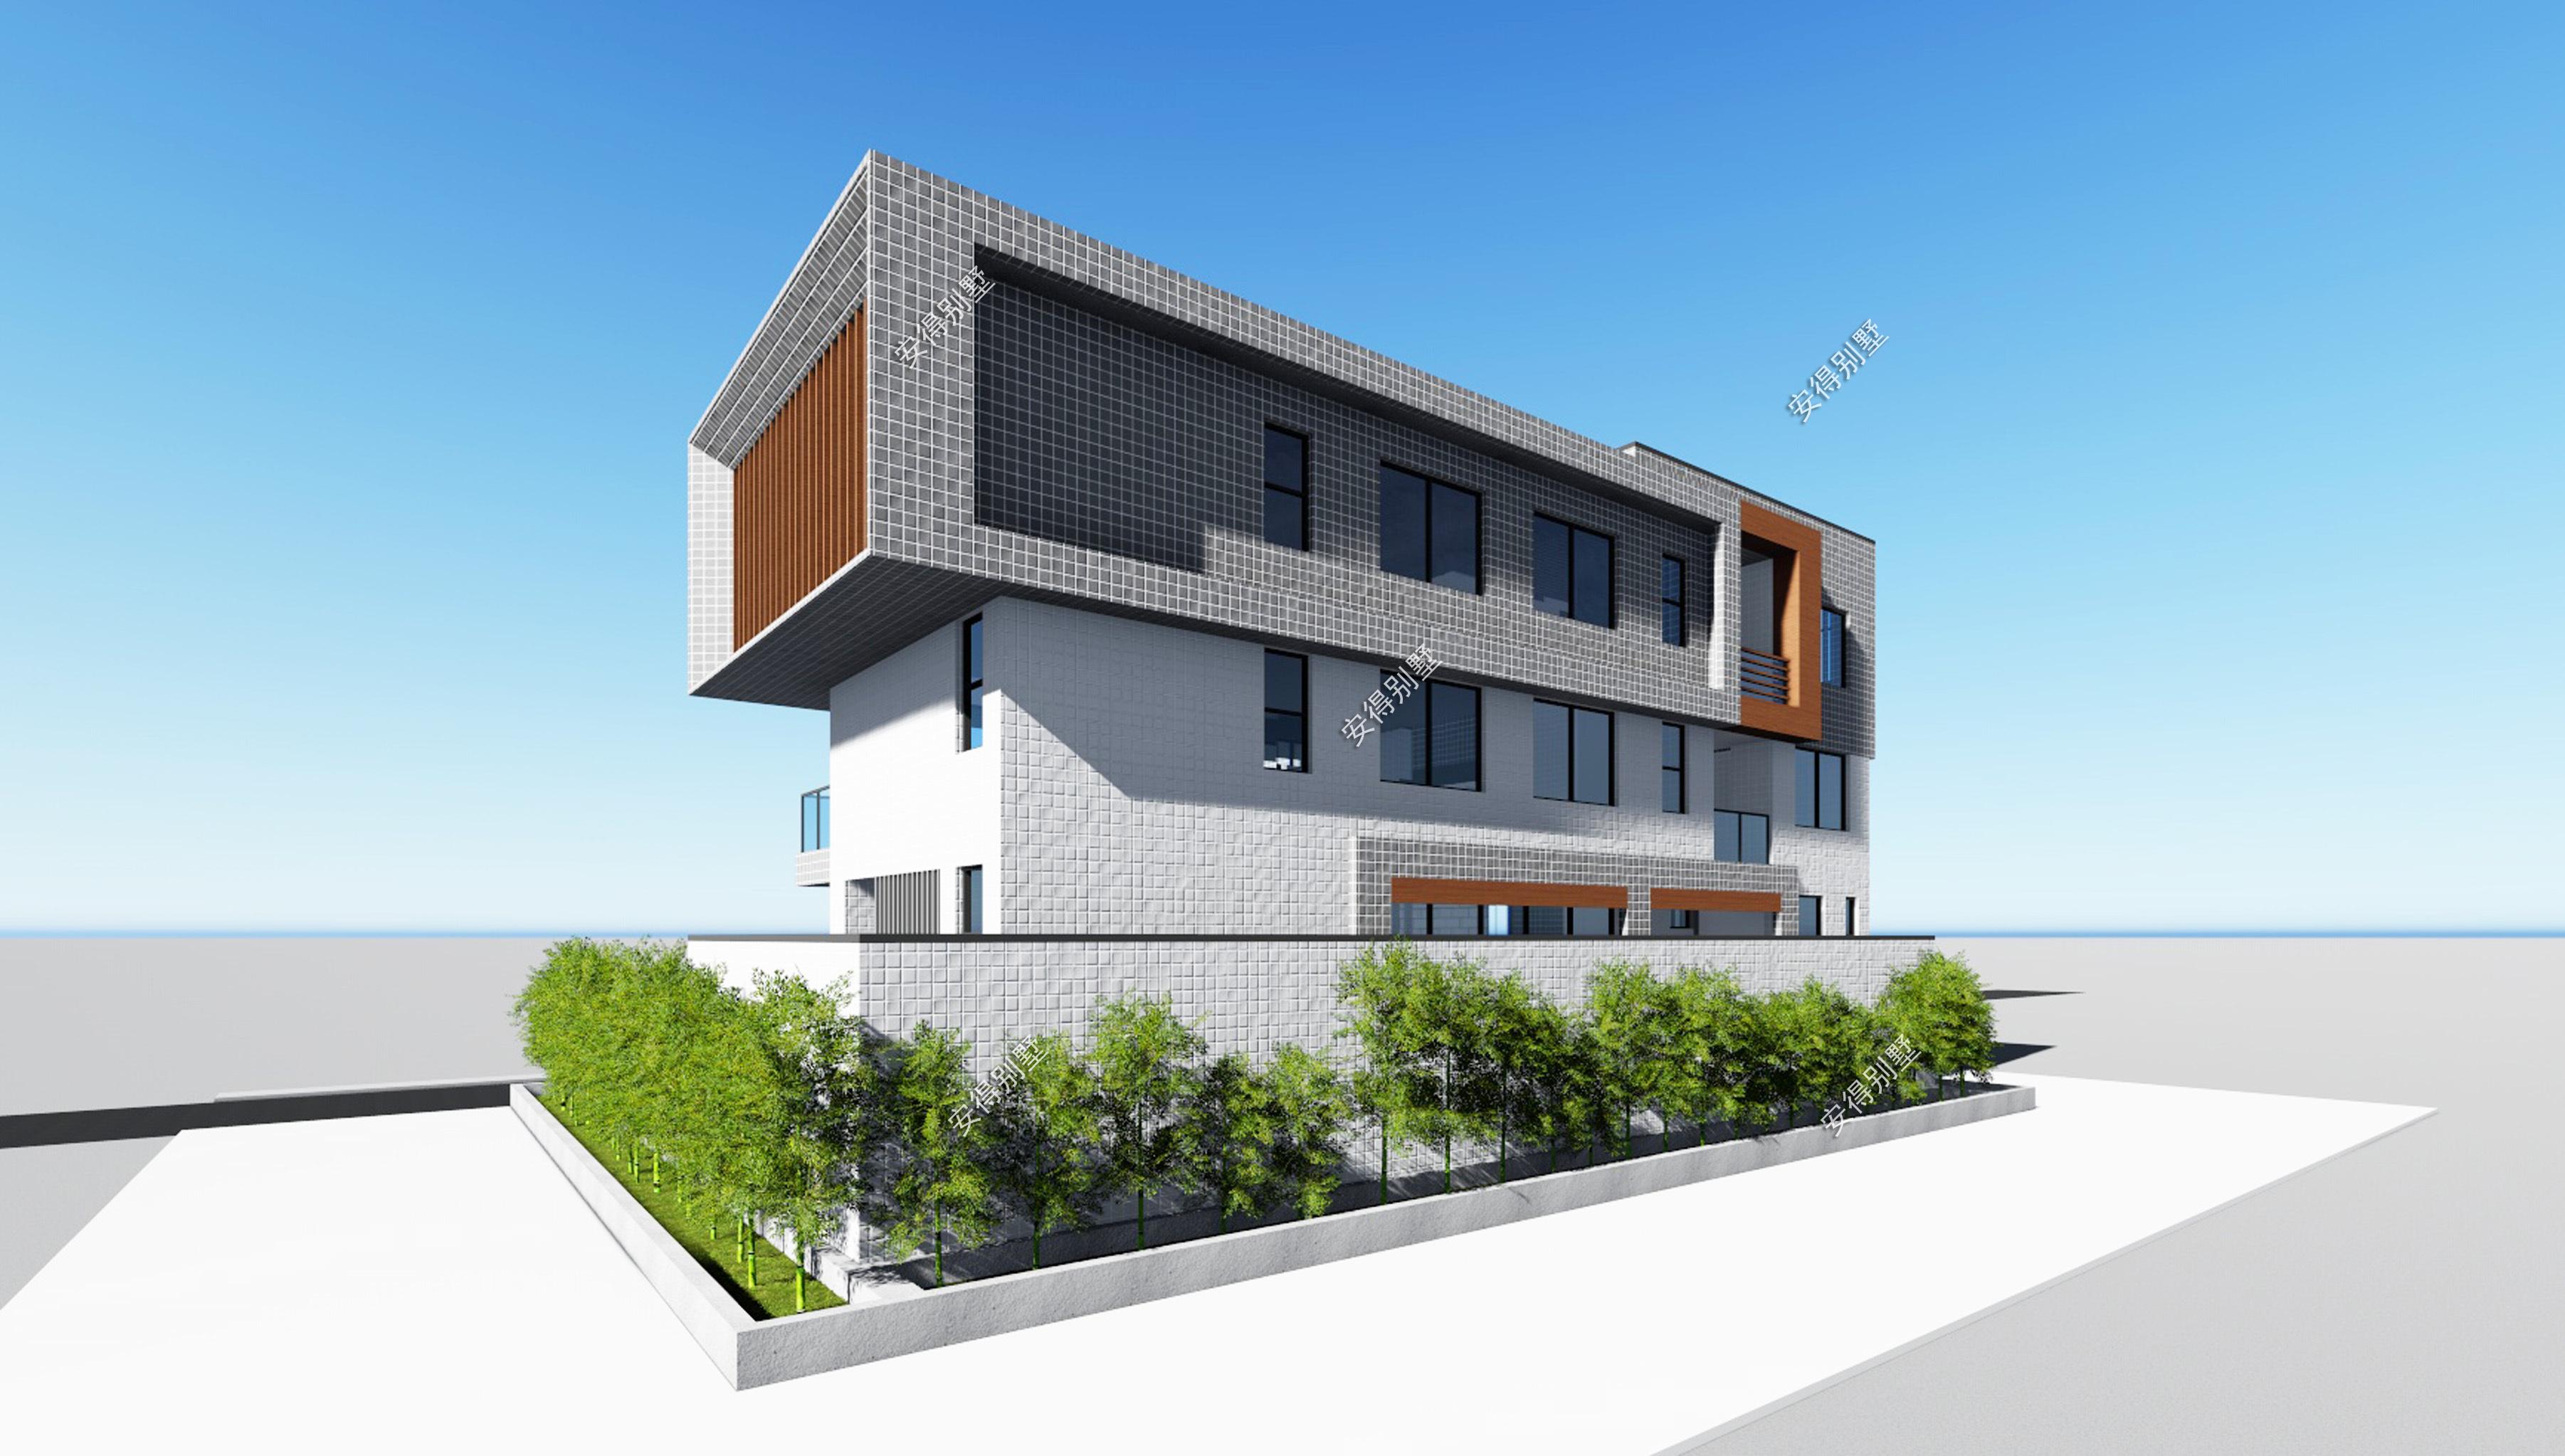 空间感超美的3层现代别墅,车库泳池大阳台设计,再也不图片